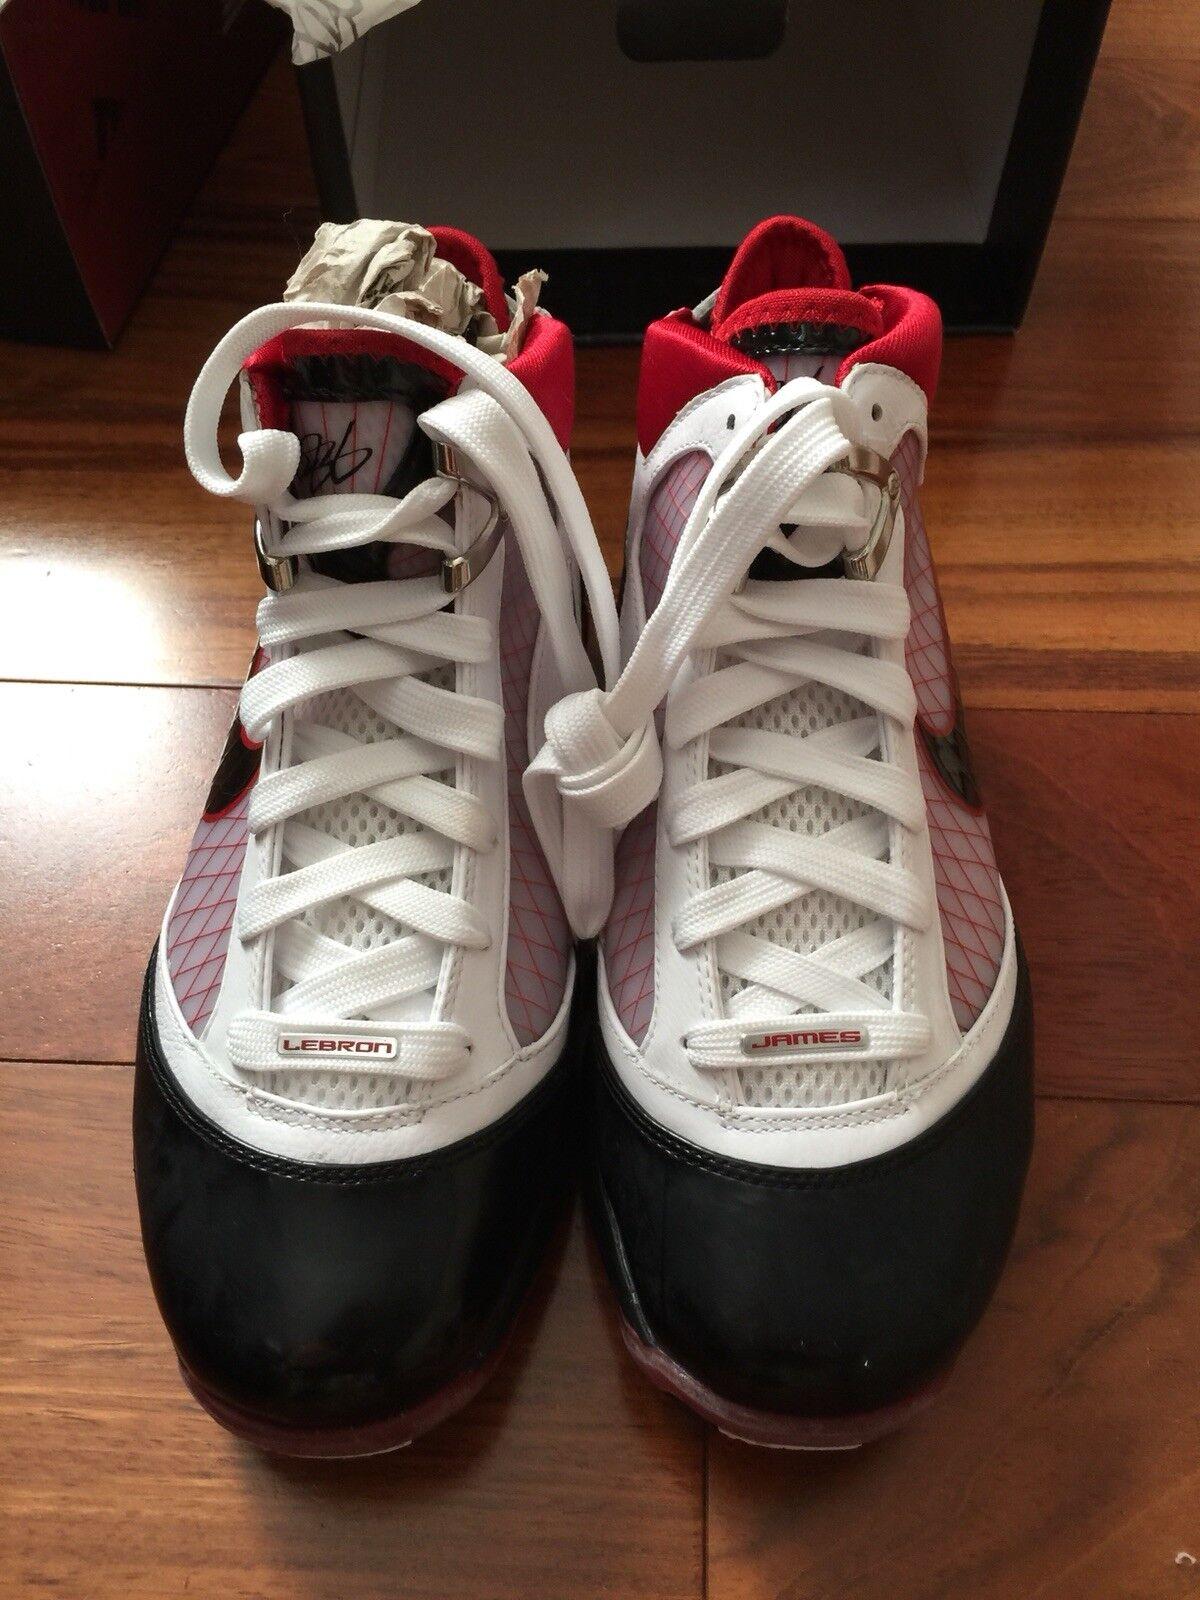 Nike air max max max lebron james 7 vii schuhe größe 6 weiß - rot - schwarz cavs da90b5